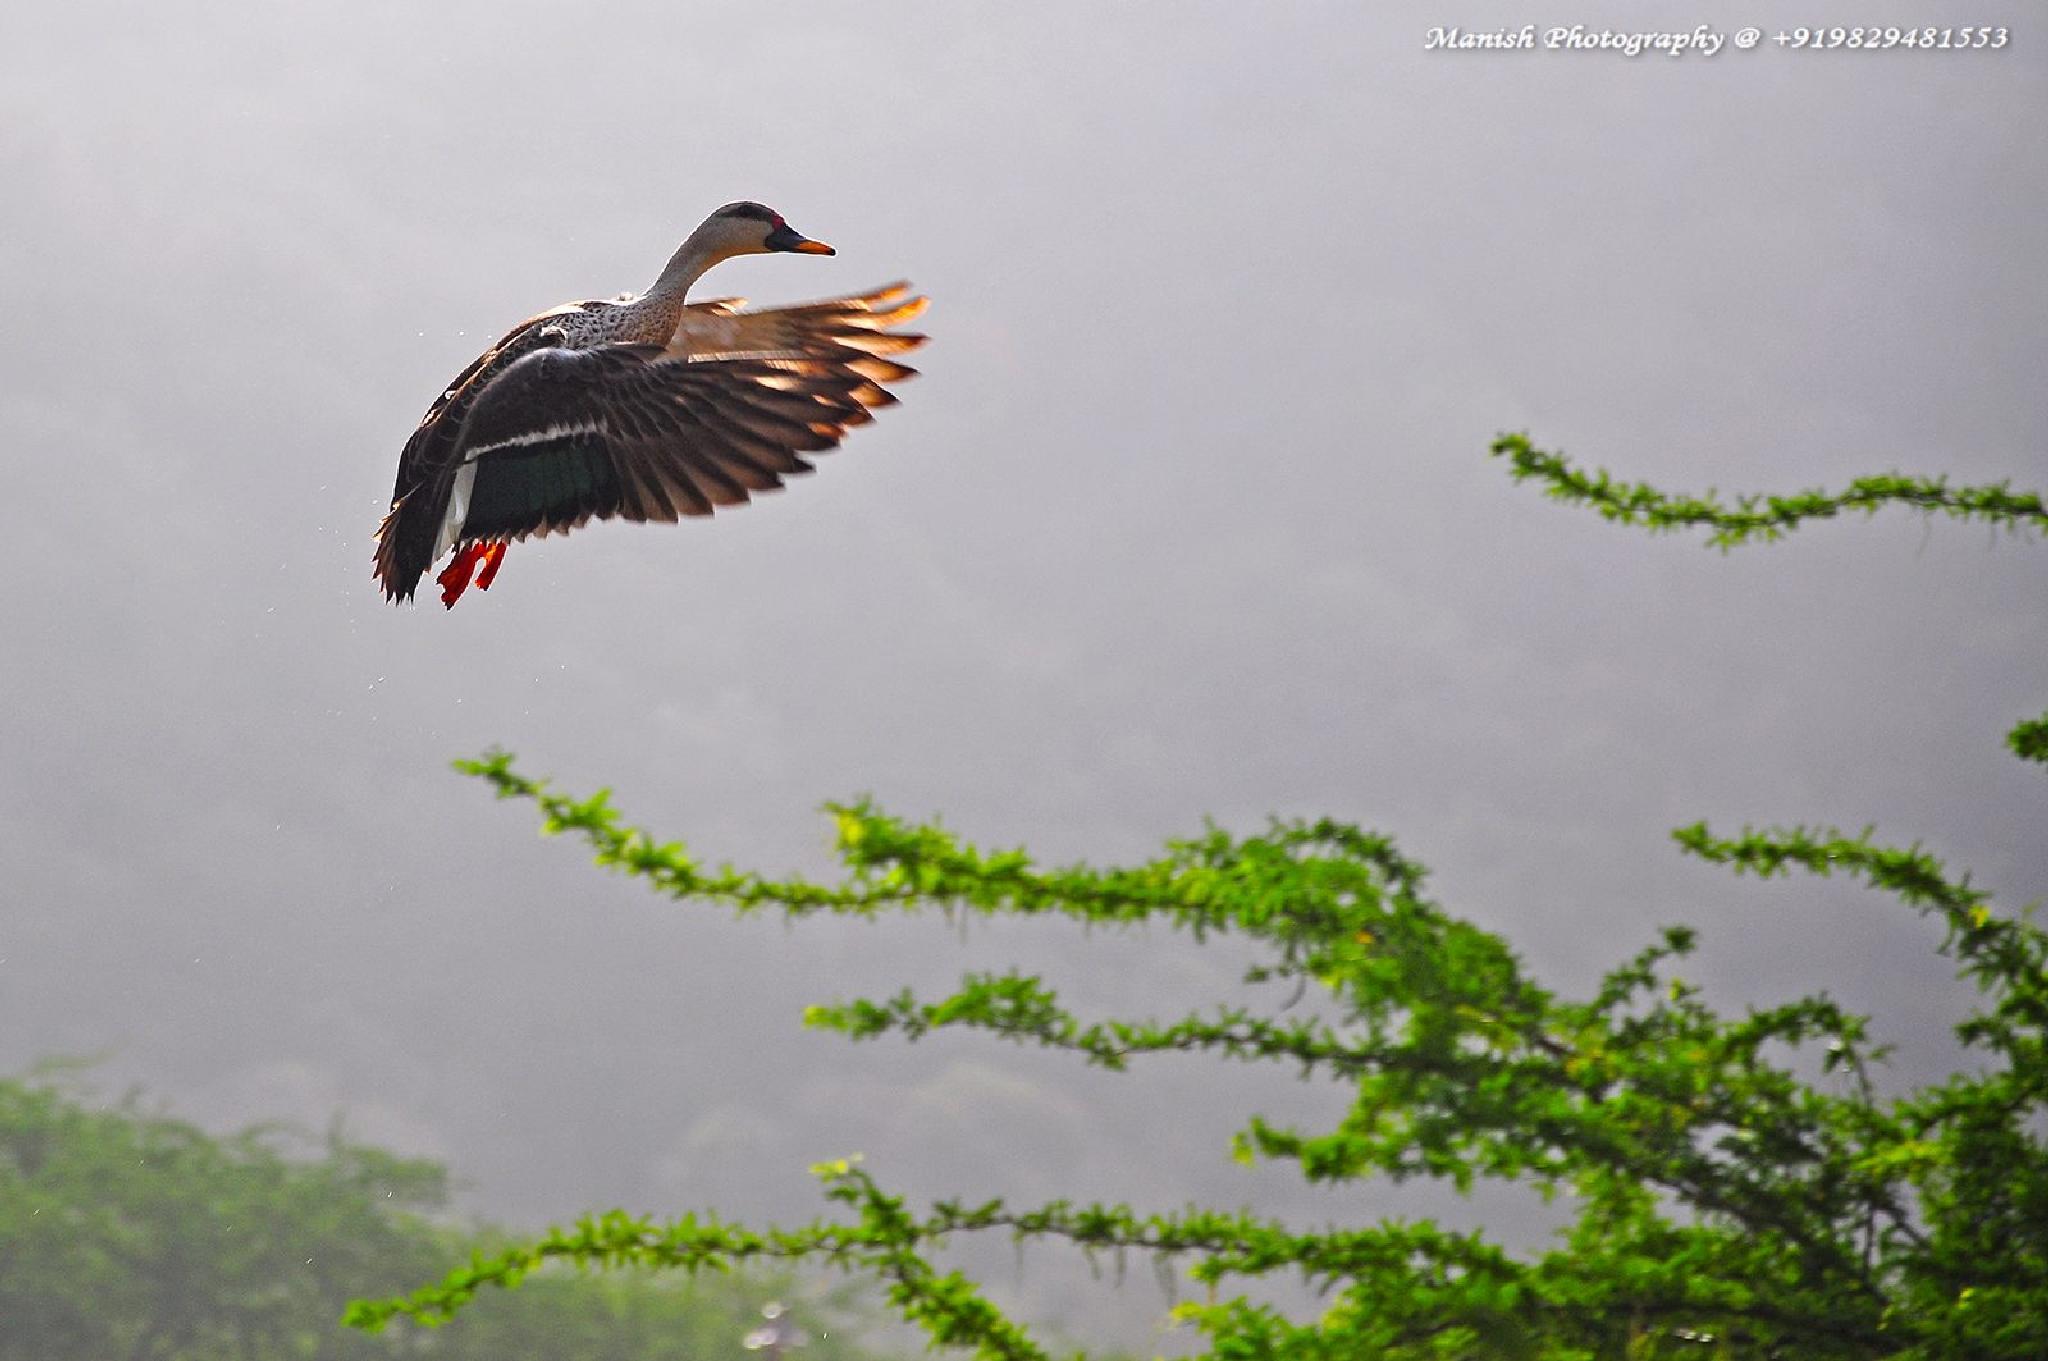 Spot Billed Duck in Landing Gear by Maneesh Sharma